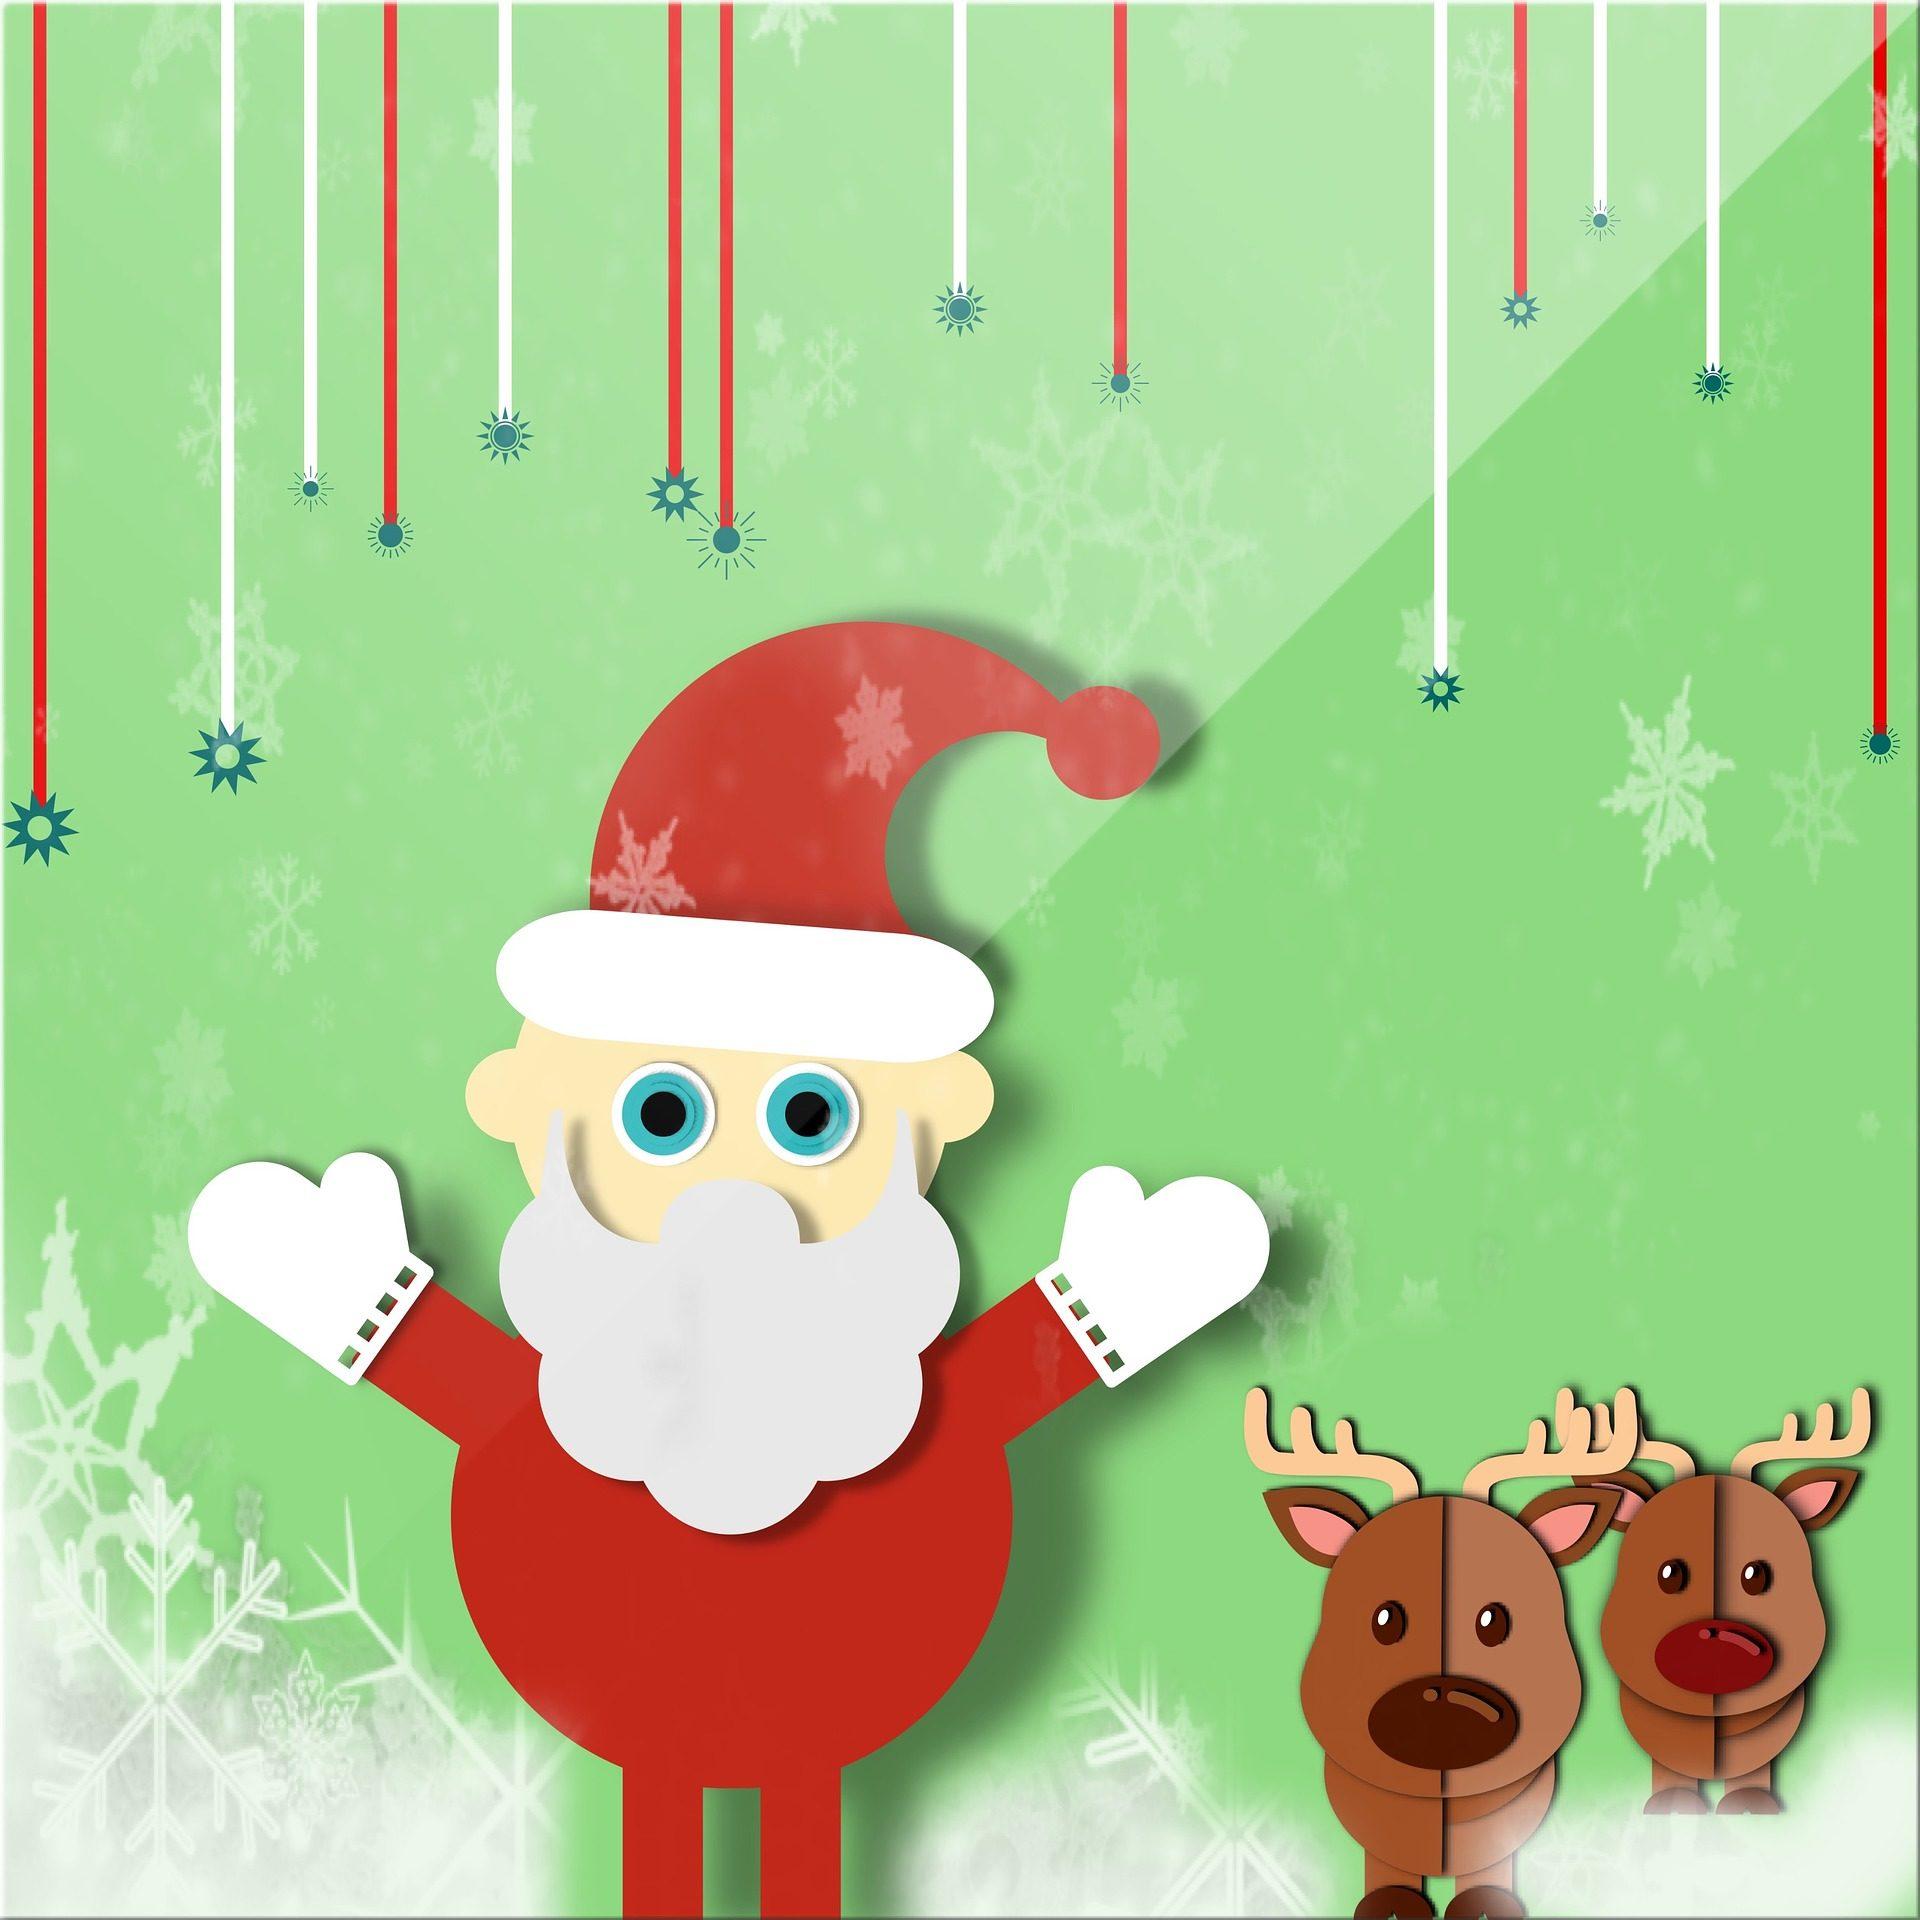 圣诞老人, 爸爸诺尔, 驯鹿, 卡, 问候, 雪, 圣诞节, 1612241742